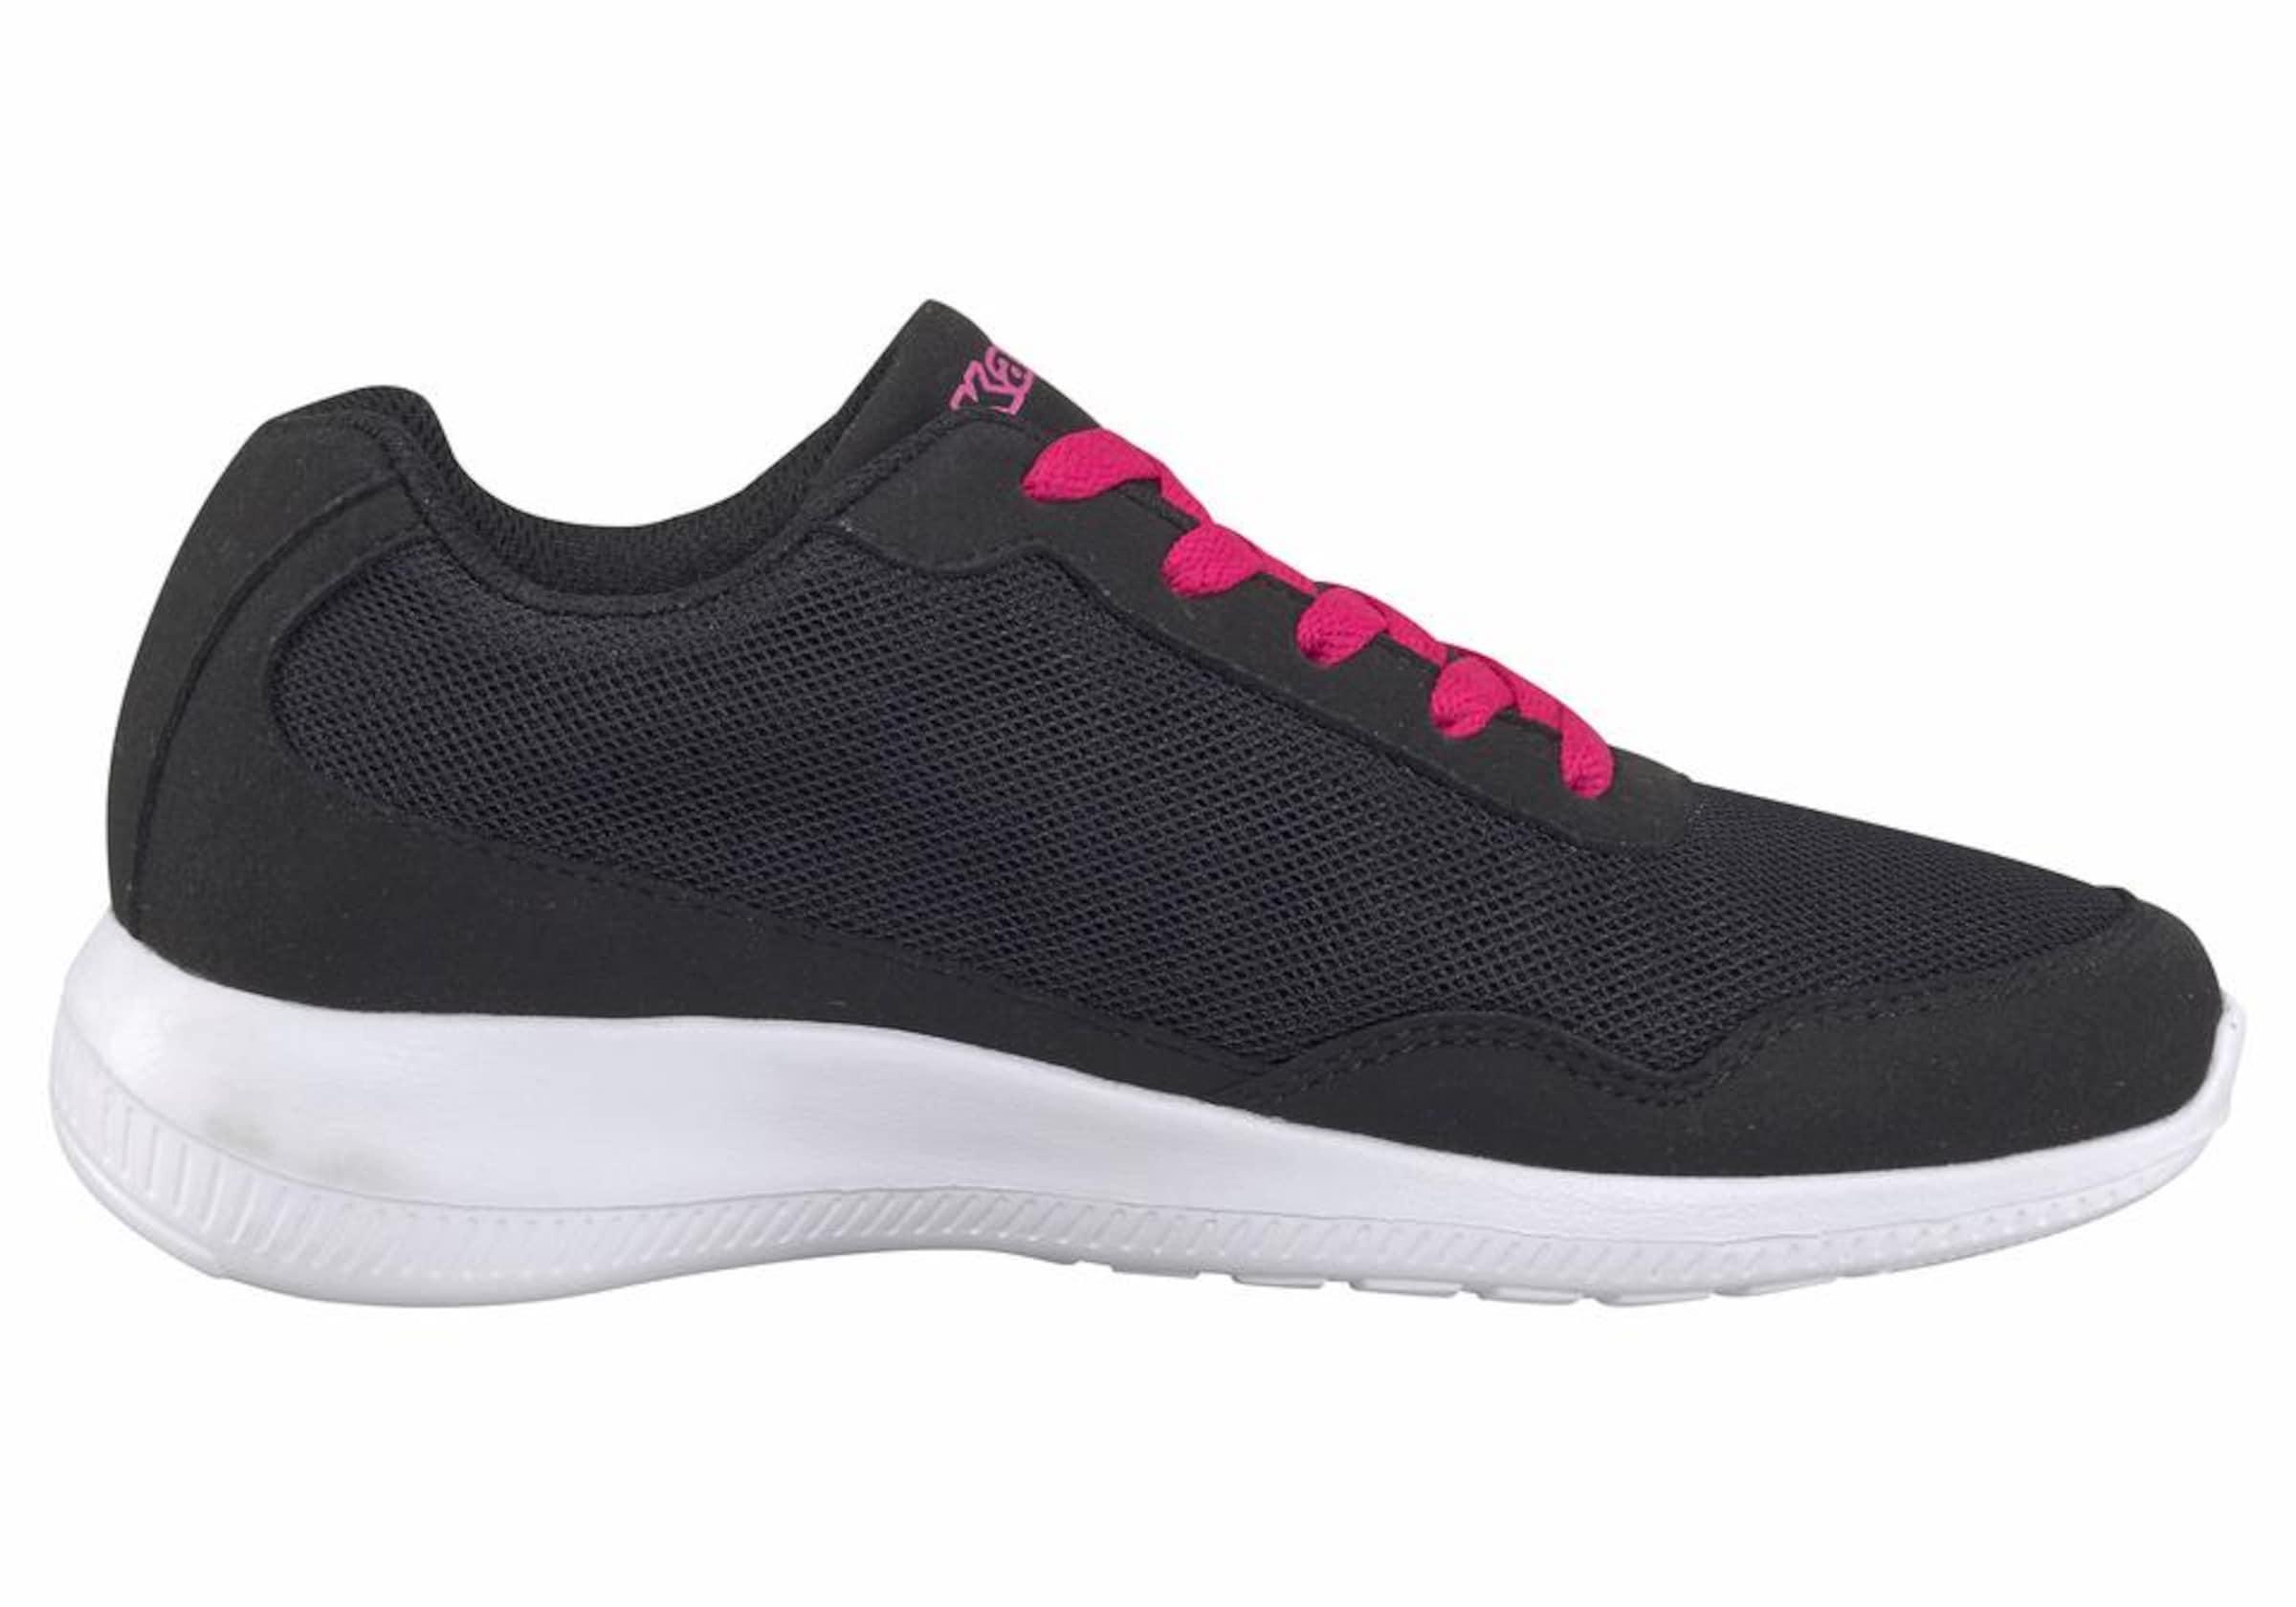 PinkSchwarz In Kappa Sneaker In Kappa Sneaker PinkSchwarz Kappa PinkSchwarz In Sneaker 7gybf6